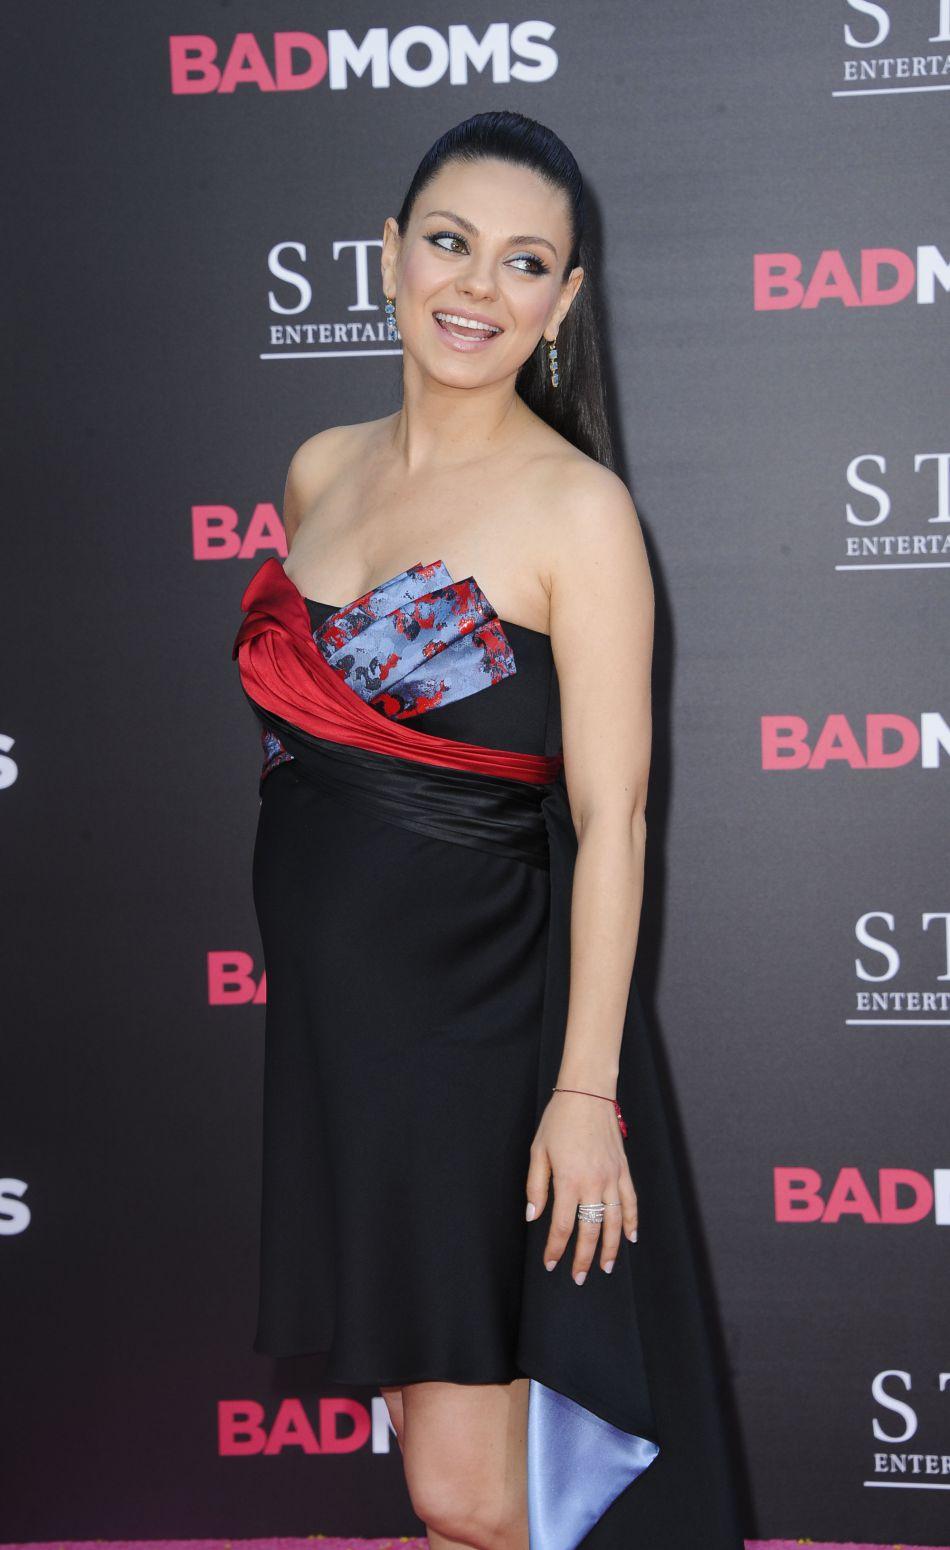 L'actrice avait décidé de faire une pause suite à la naissance de sa fille Wyatt, fruit de son union avec Ashton Kutcher.